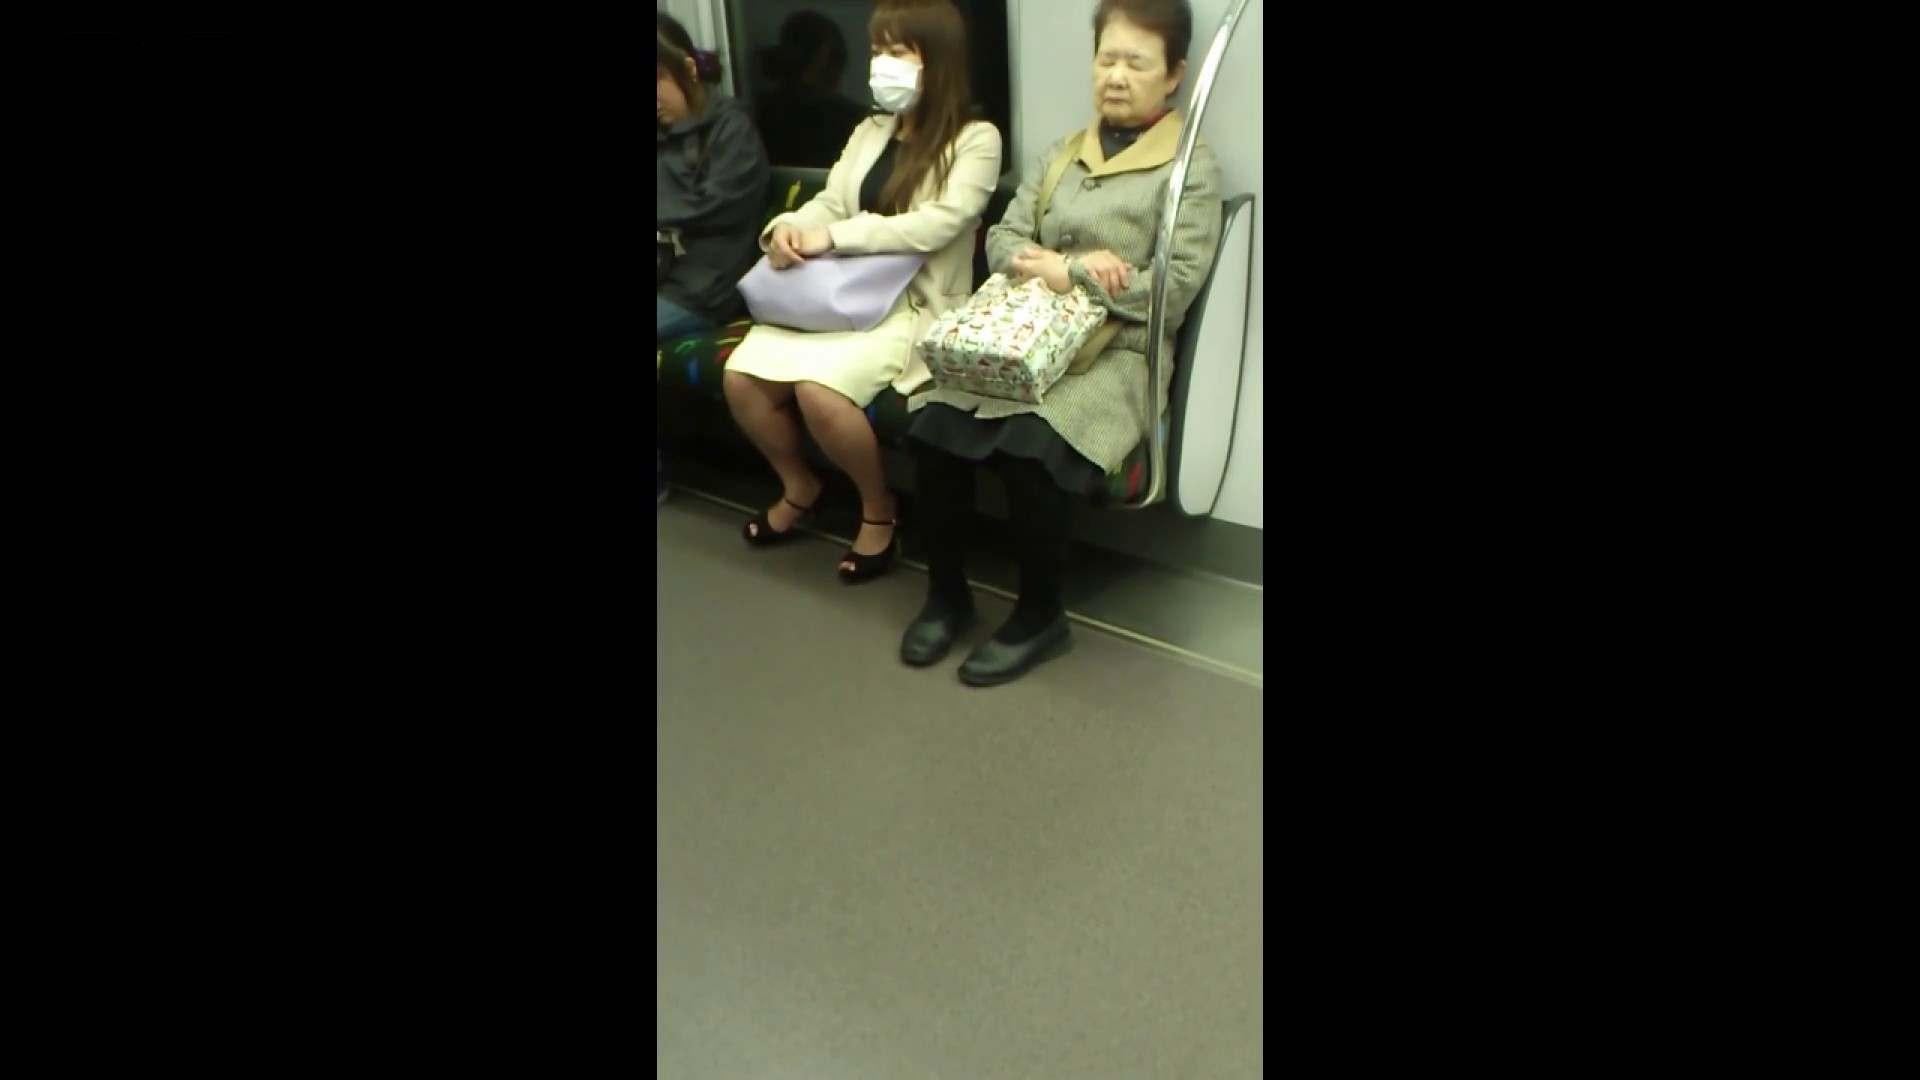 盗撮列車 Vol.55 黄色の爽やかなスカートが大好きです。 パンチラ女子 濡れ場動画紹介 89枚 77